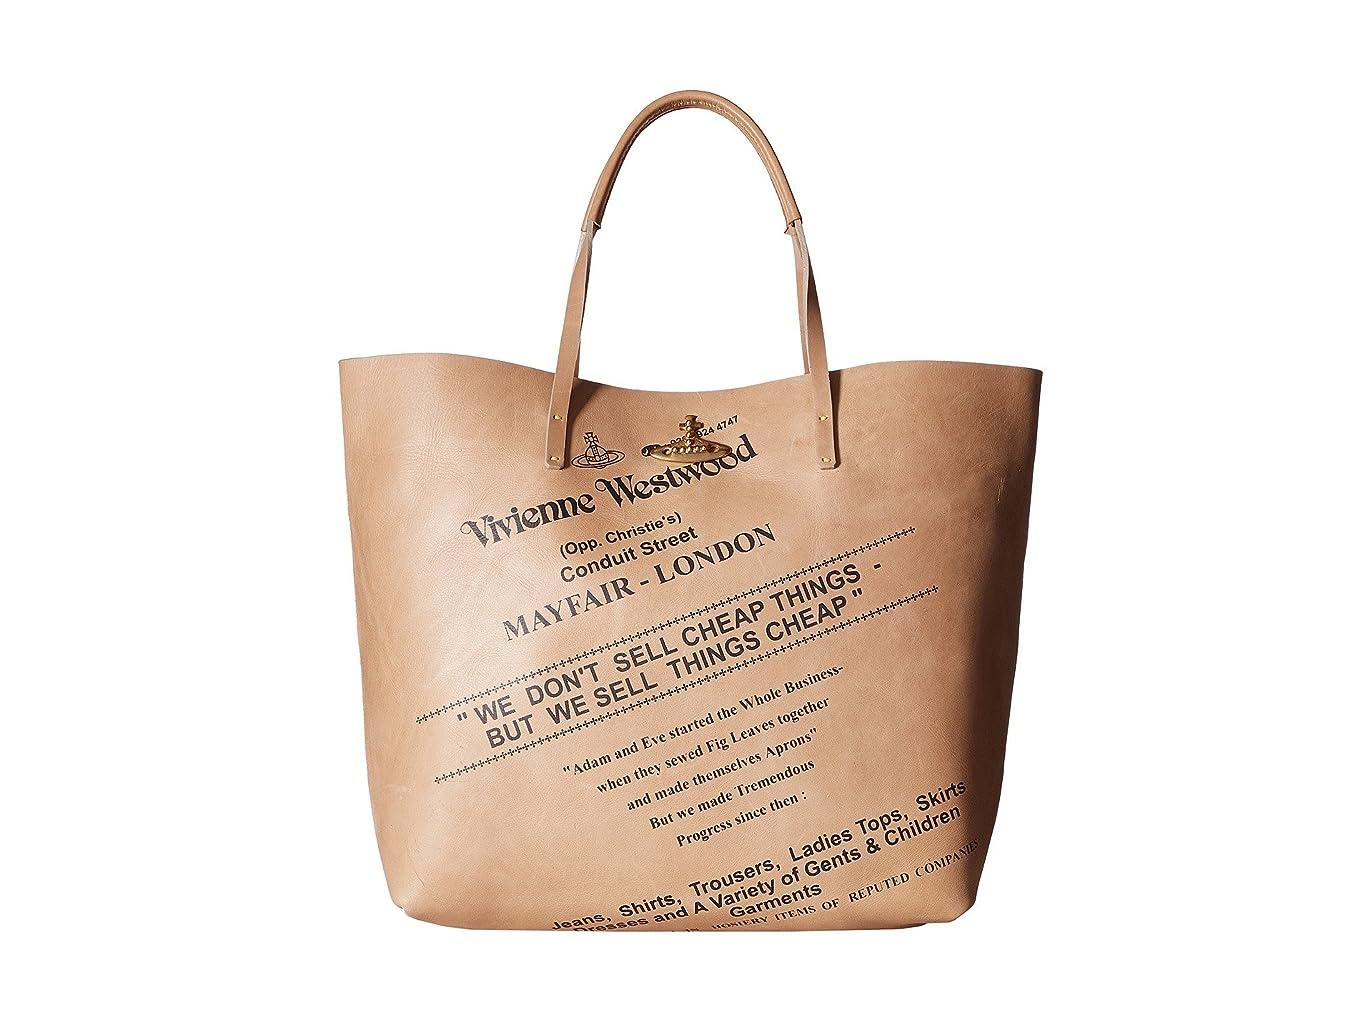 味方カロリートランスペアレント[ヴィヴィアン ウエストウッド] Vivienne Westwood メンズ Africa Sell Cheap Leather Shopper ハンドバッグ [並行輸入品]